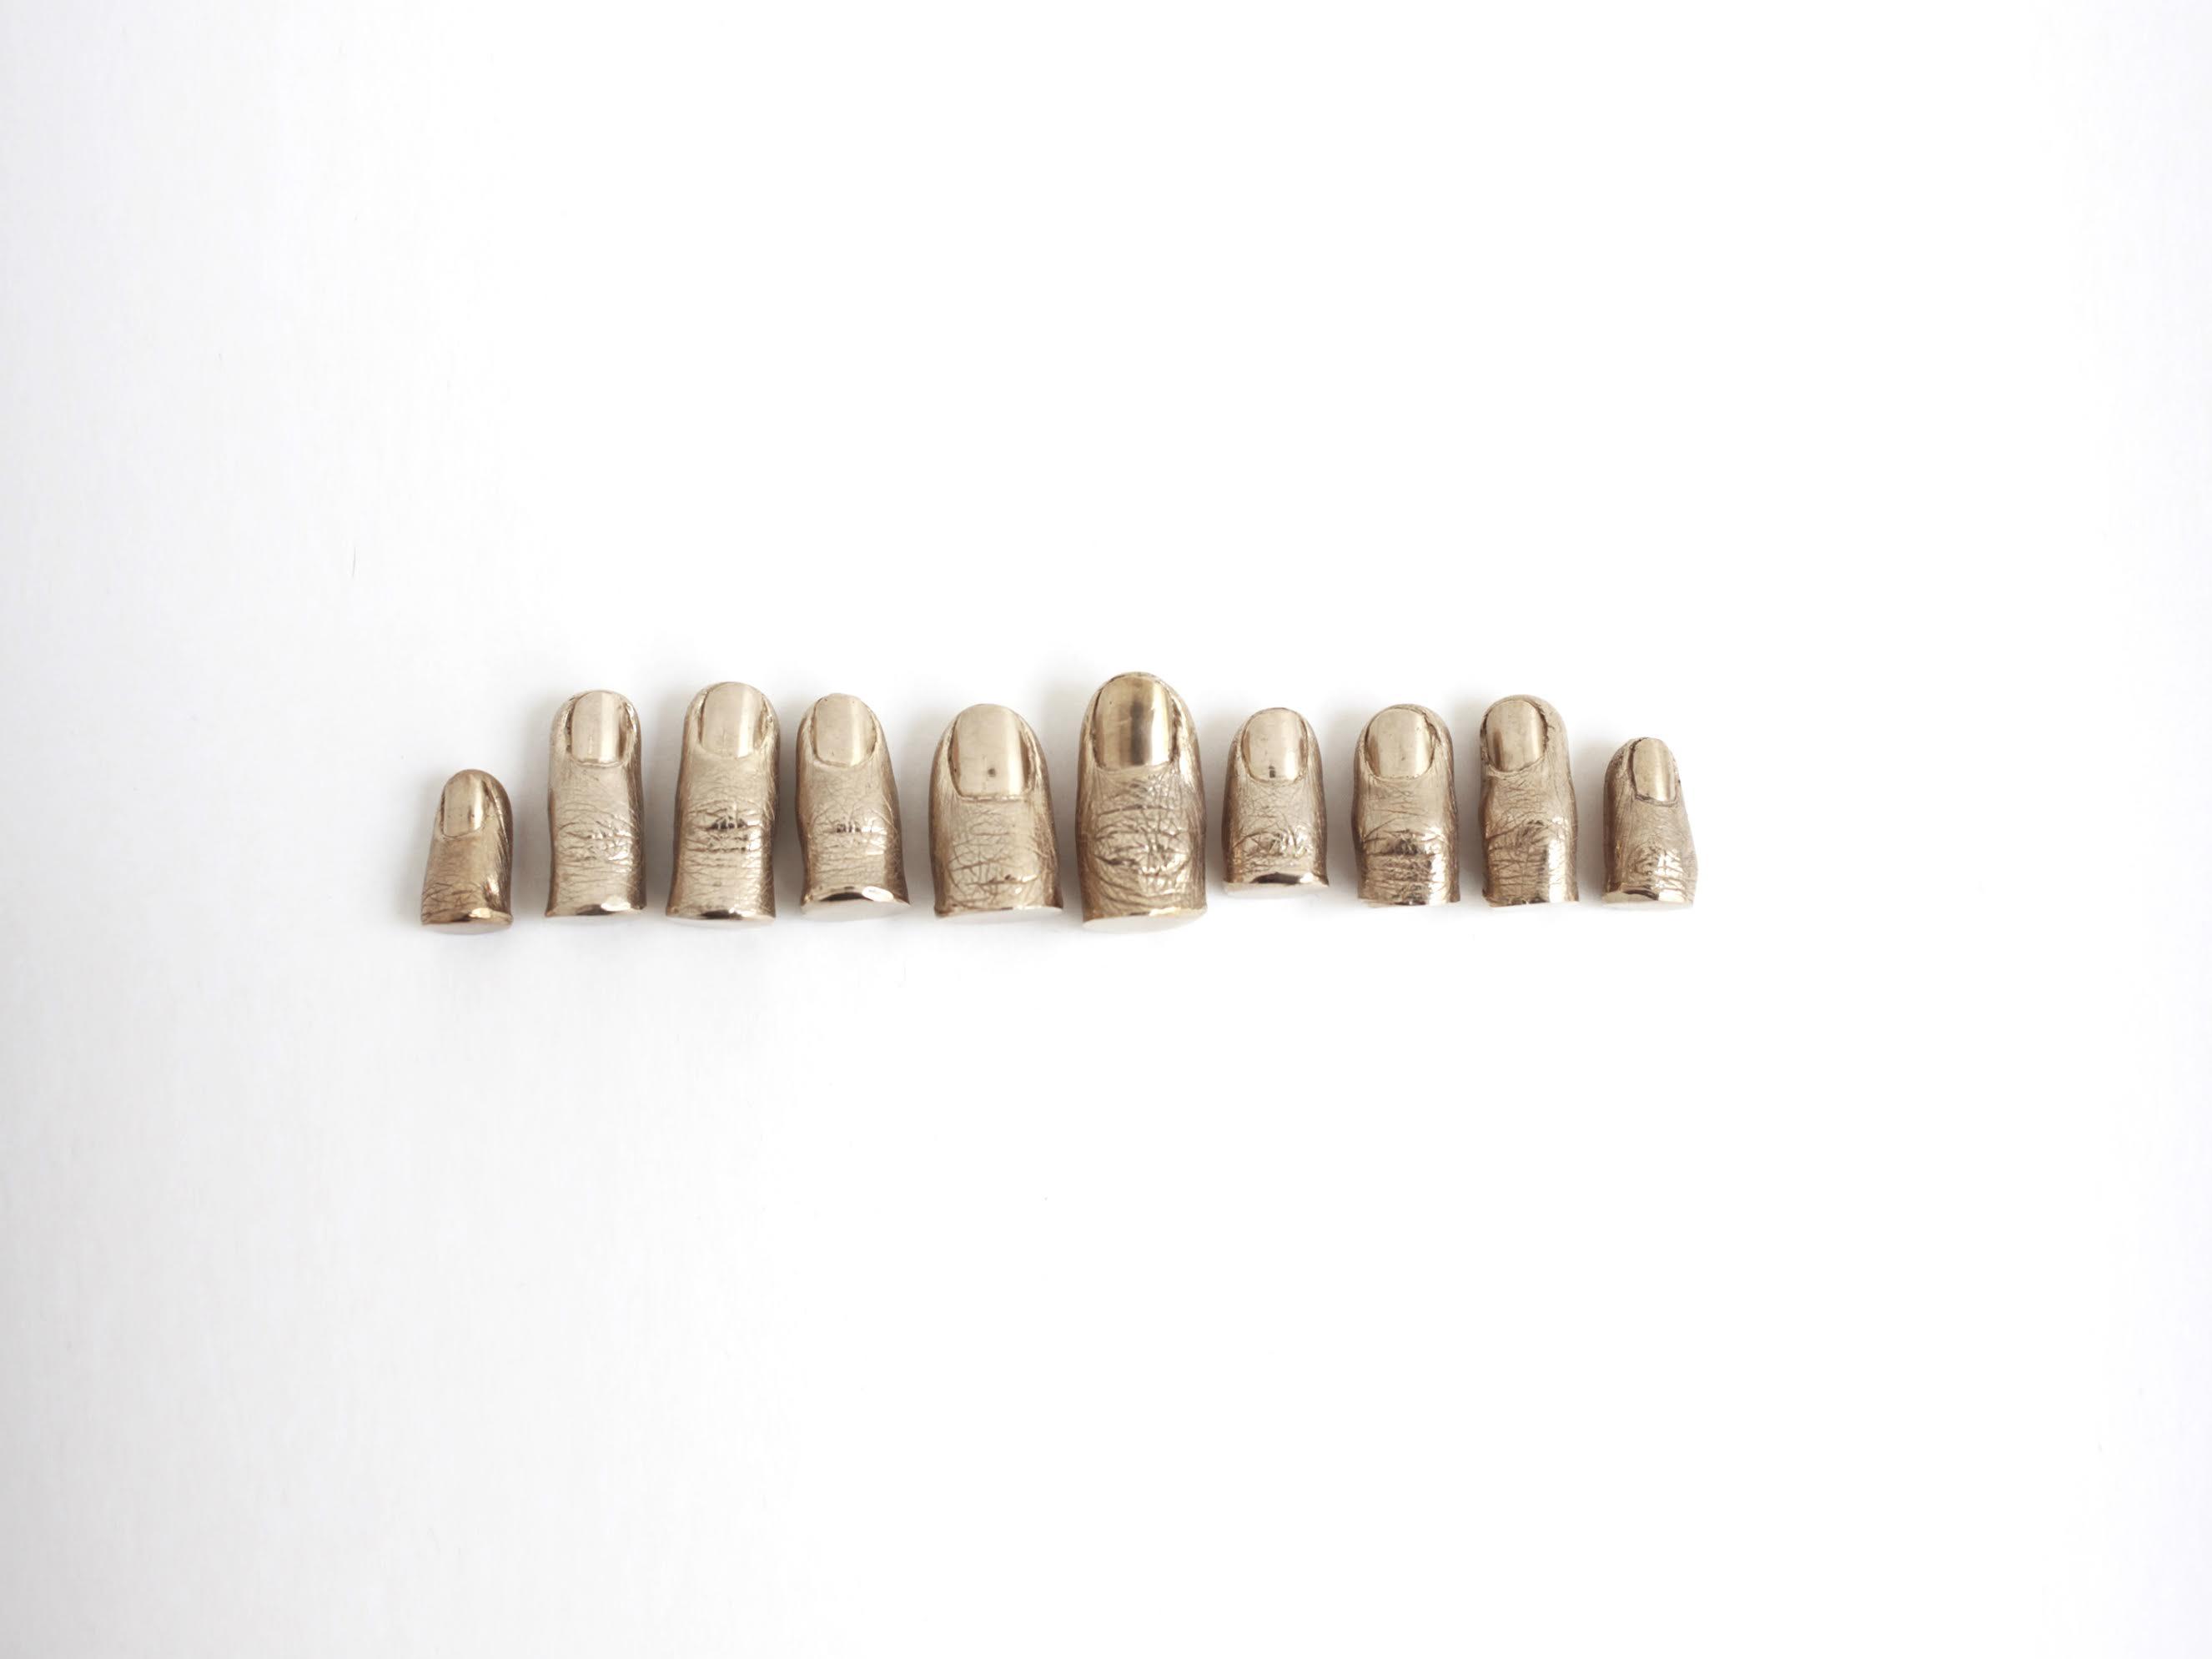 Stéphanie Solinas, Sans titre (que faire de ses dix doigts), 2013, bronze ©Stéphanie Solinas